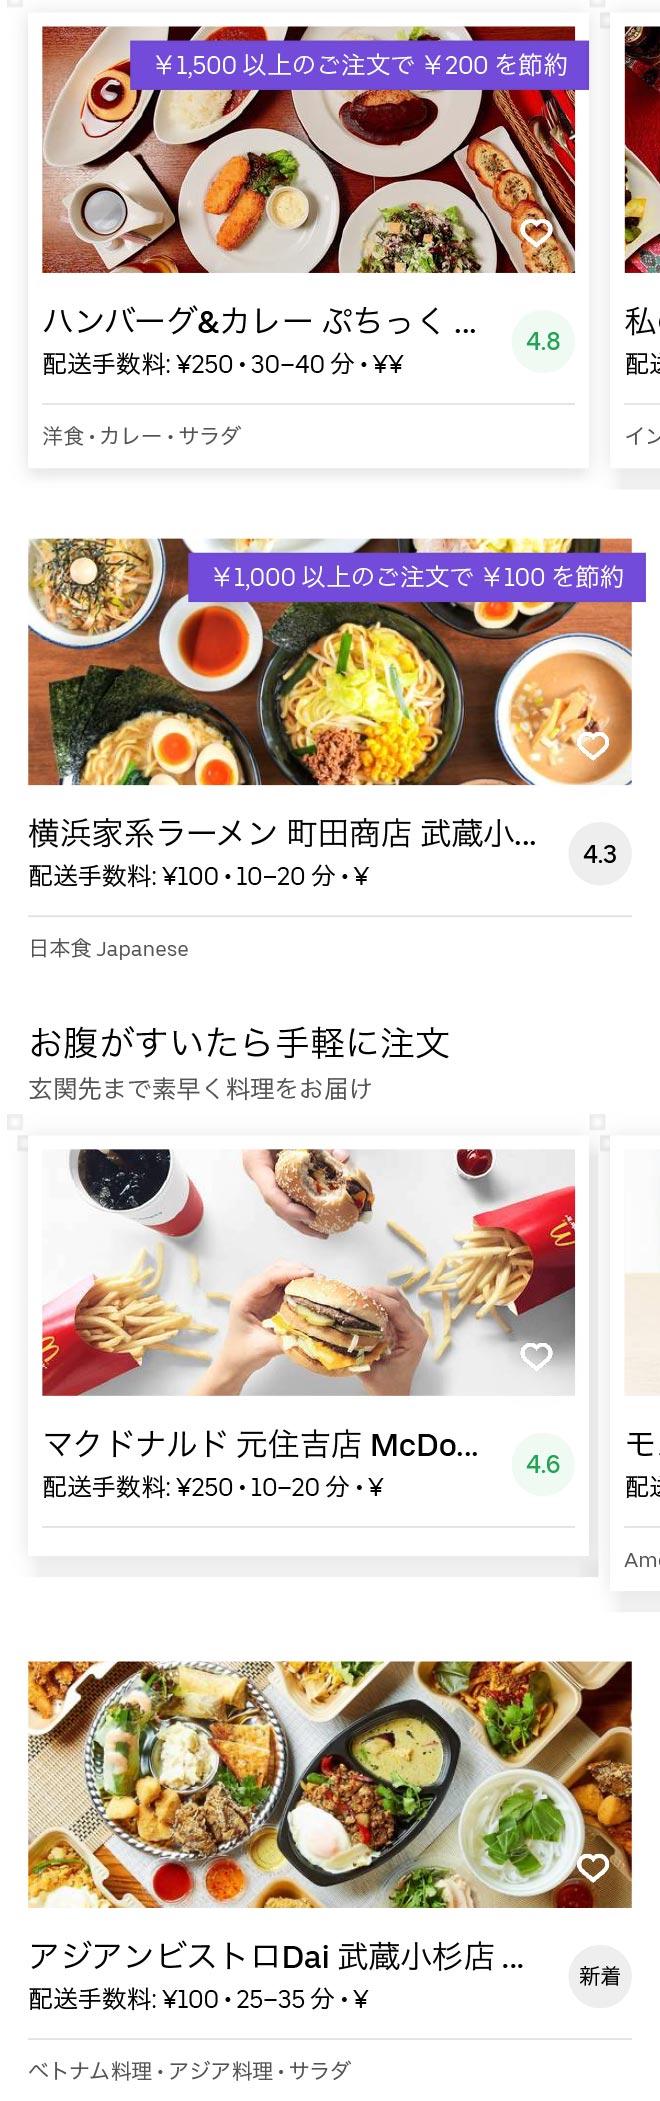 Musashikosugi menu 2004 01